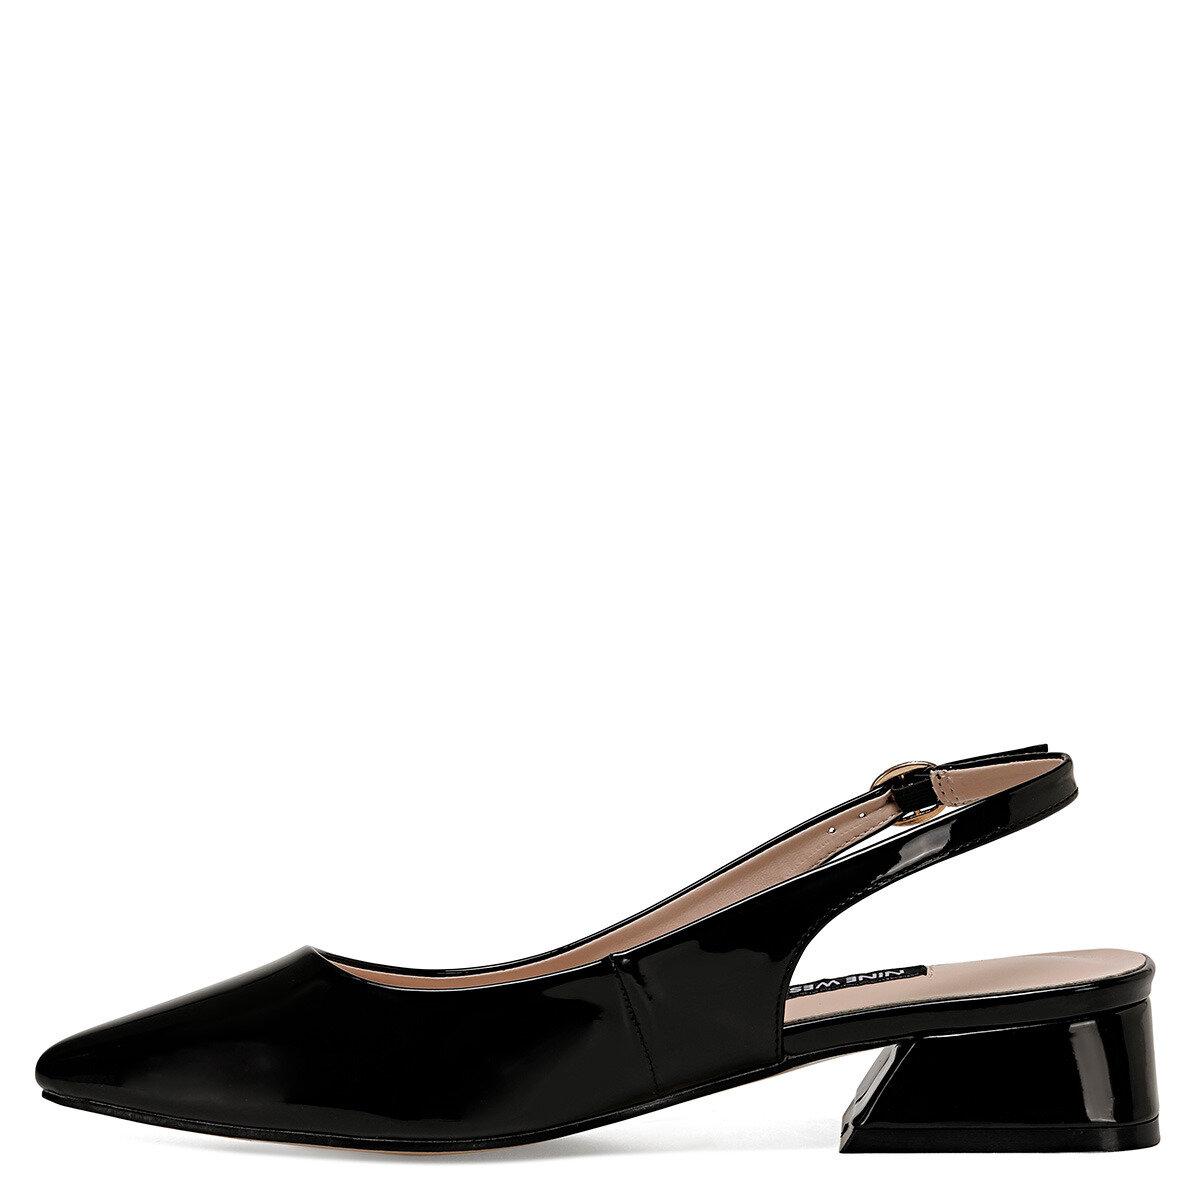 TORA Siyah Kadın Kısa Topuklu Ayakkabı